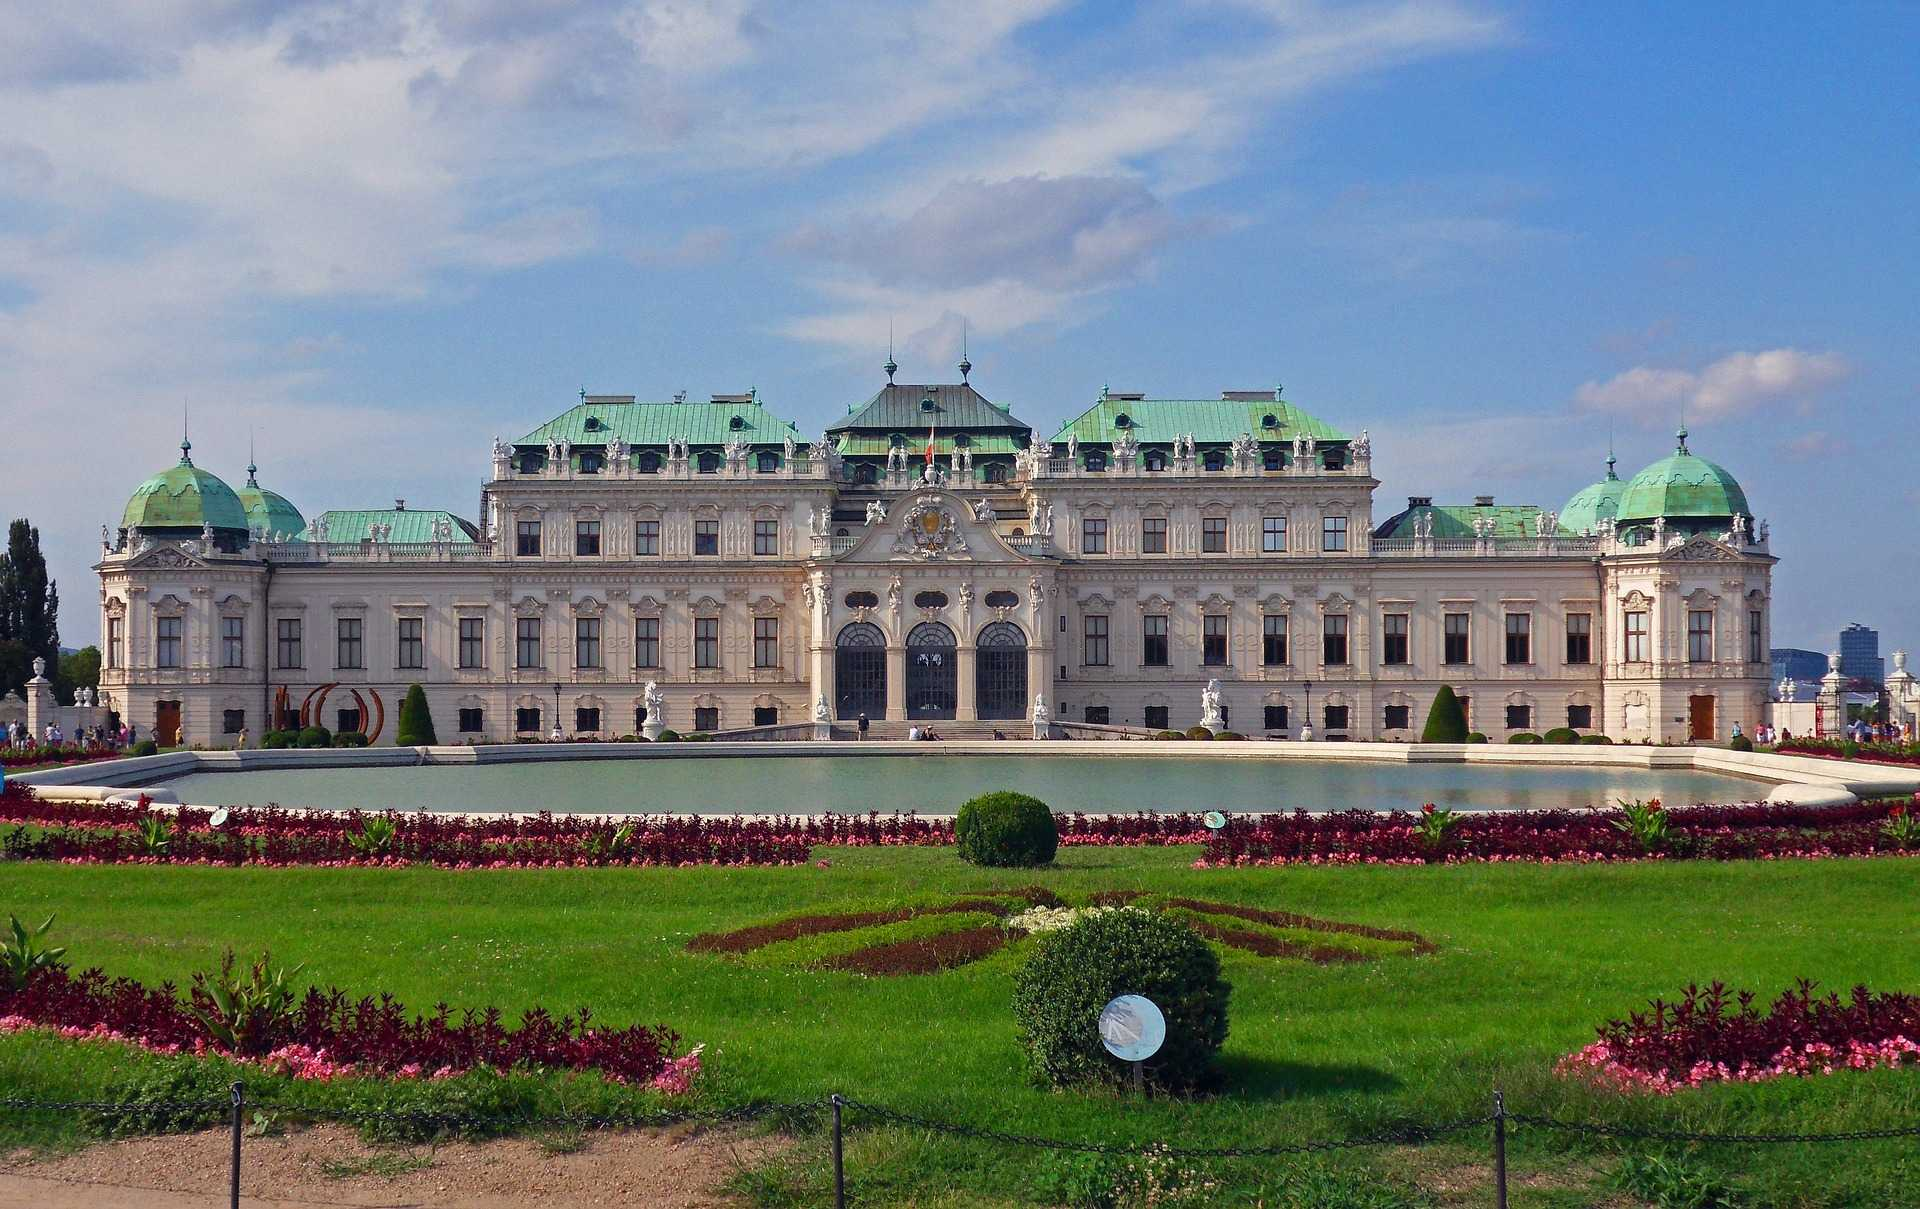 ארמון בלוודר וינה 2020 - כרטיסים, מחירים וכל הפרטים החשובים